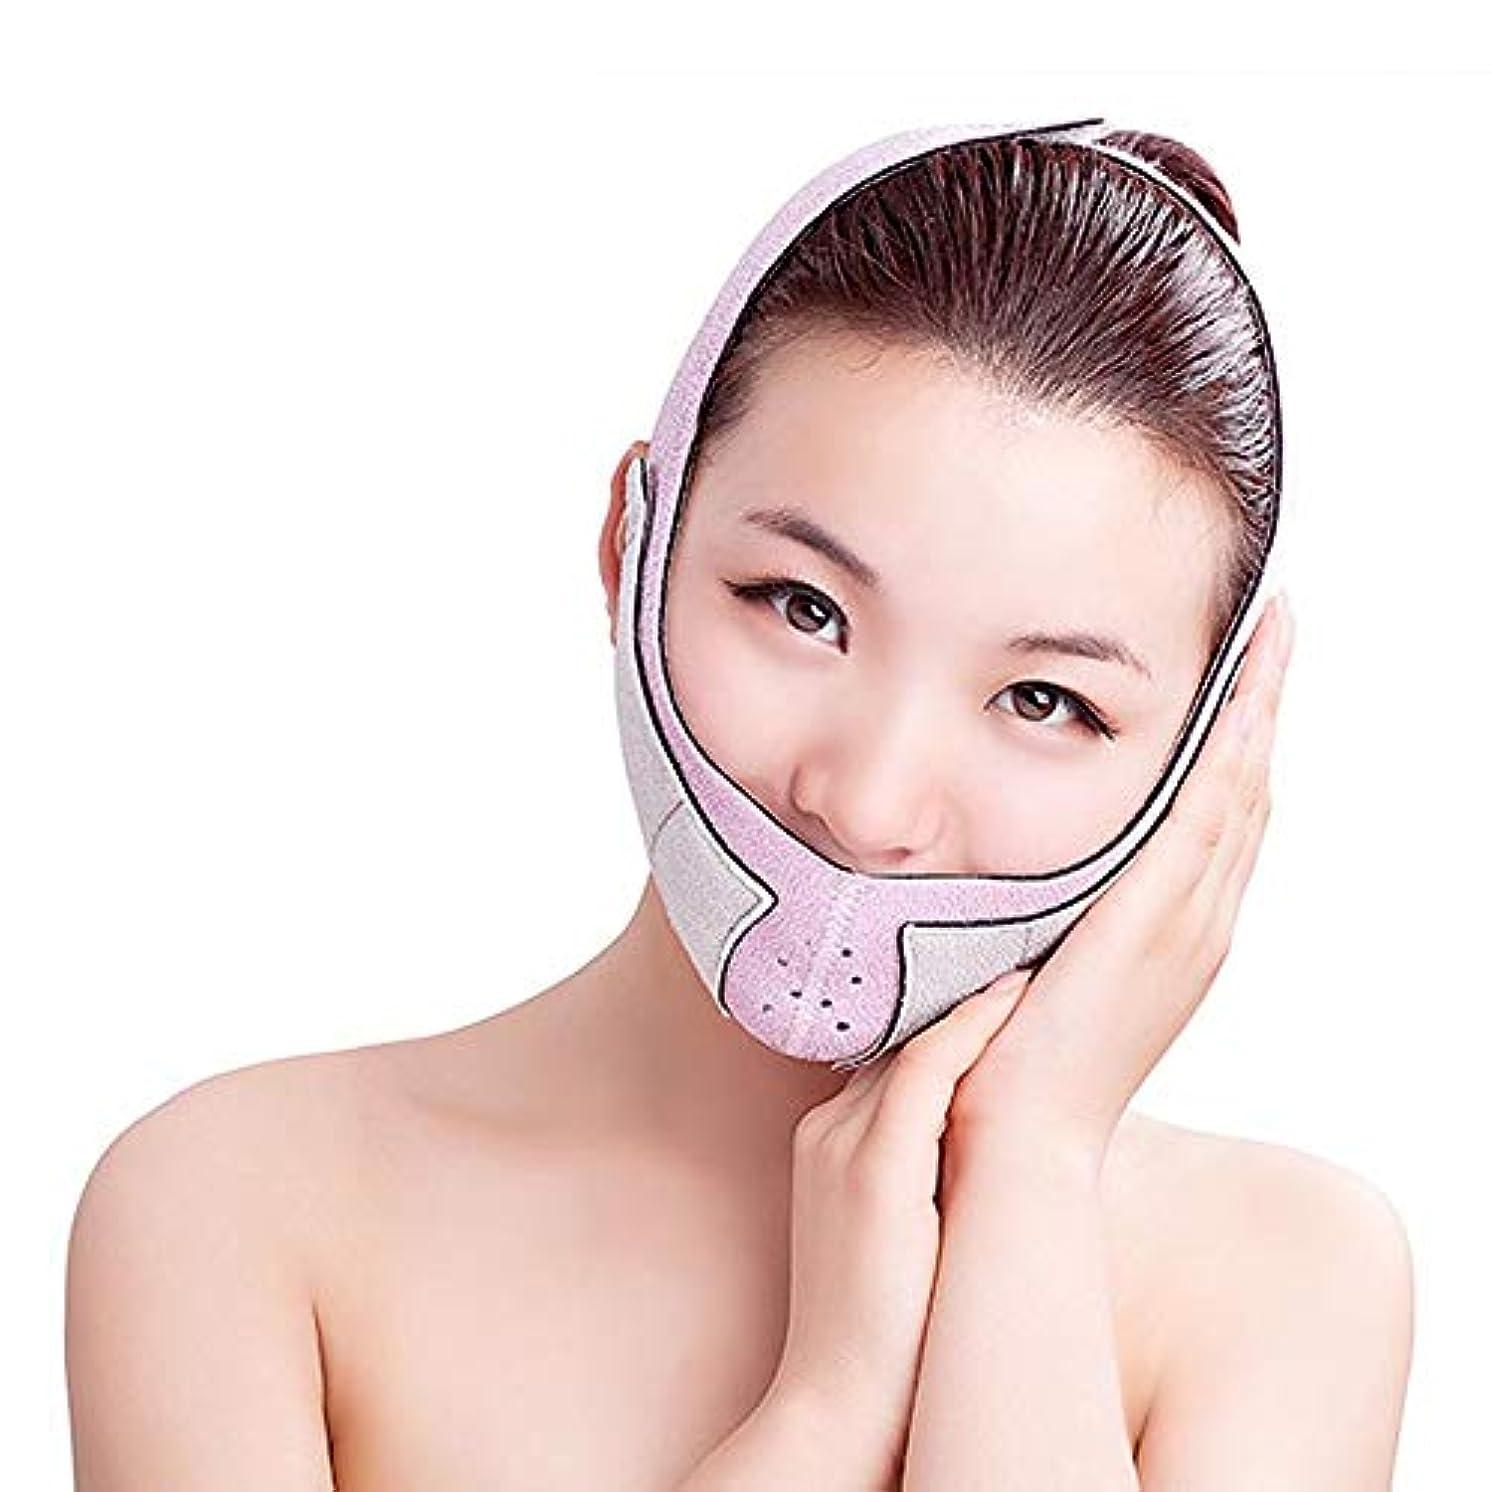 バラバラにする合図匹敵しますMinmin フェイシャルリフティングスリミングベルト - 薄いフェイスバンデージフェイスマスクベルトフリーフェイシャルマッサージシェイピングマスクは顔と首を締めます みんみんVラインフェイスマスク (Color : Pink)